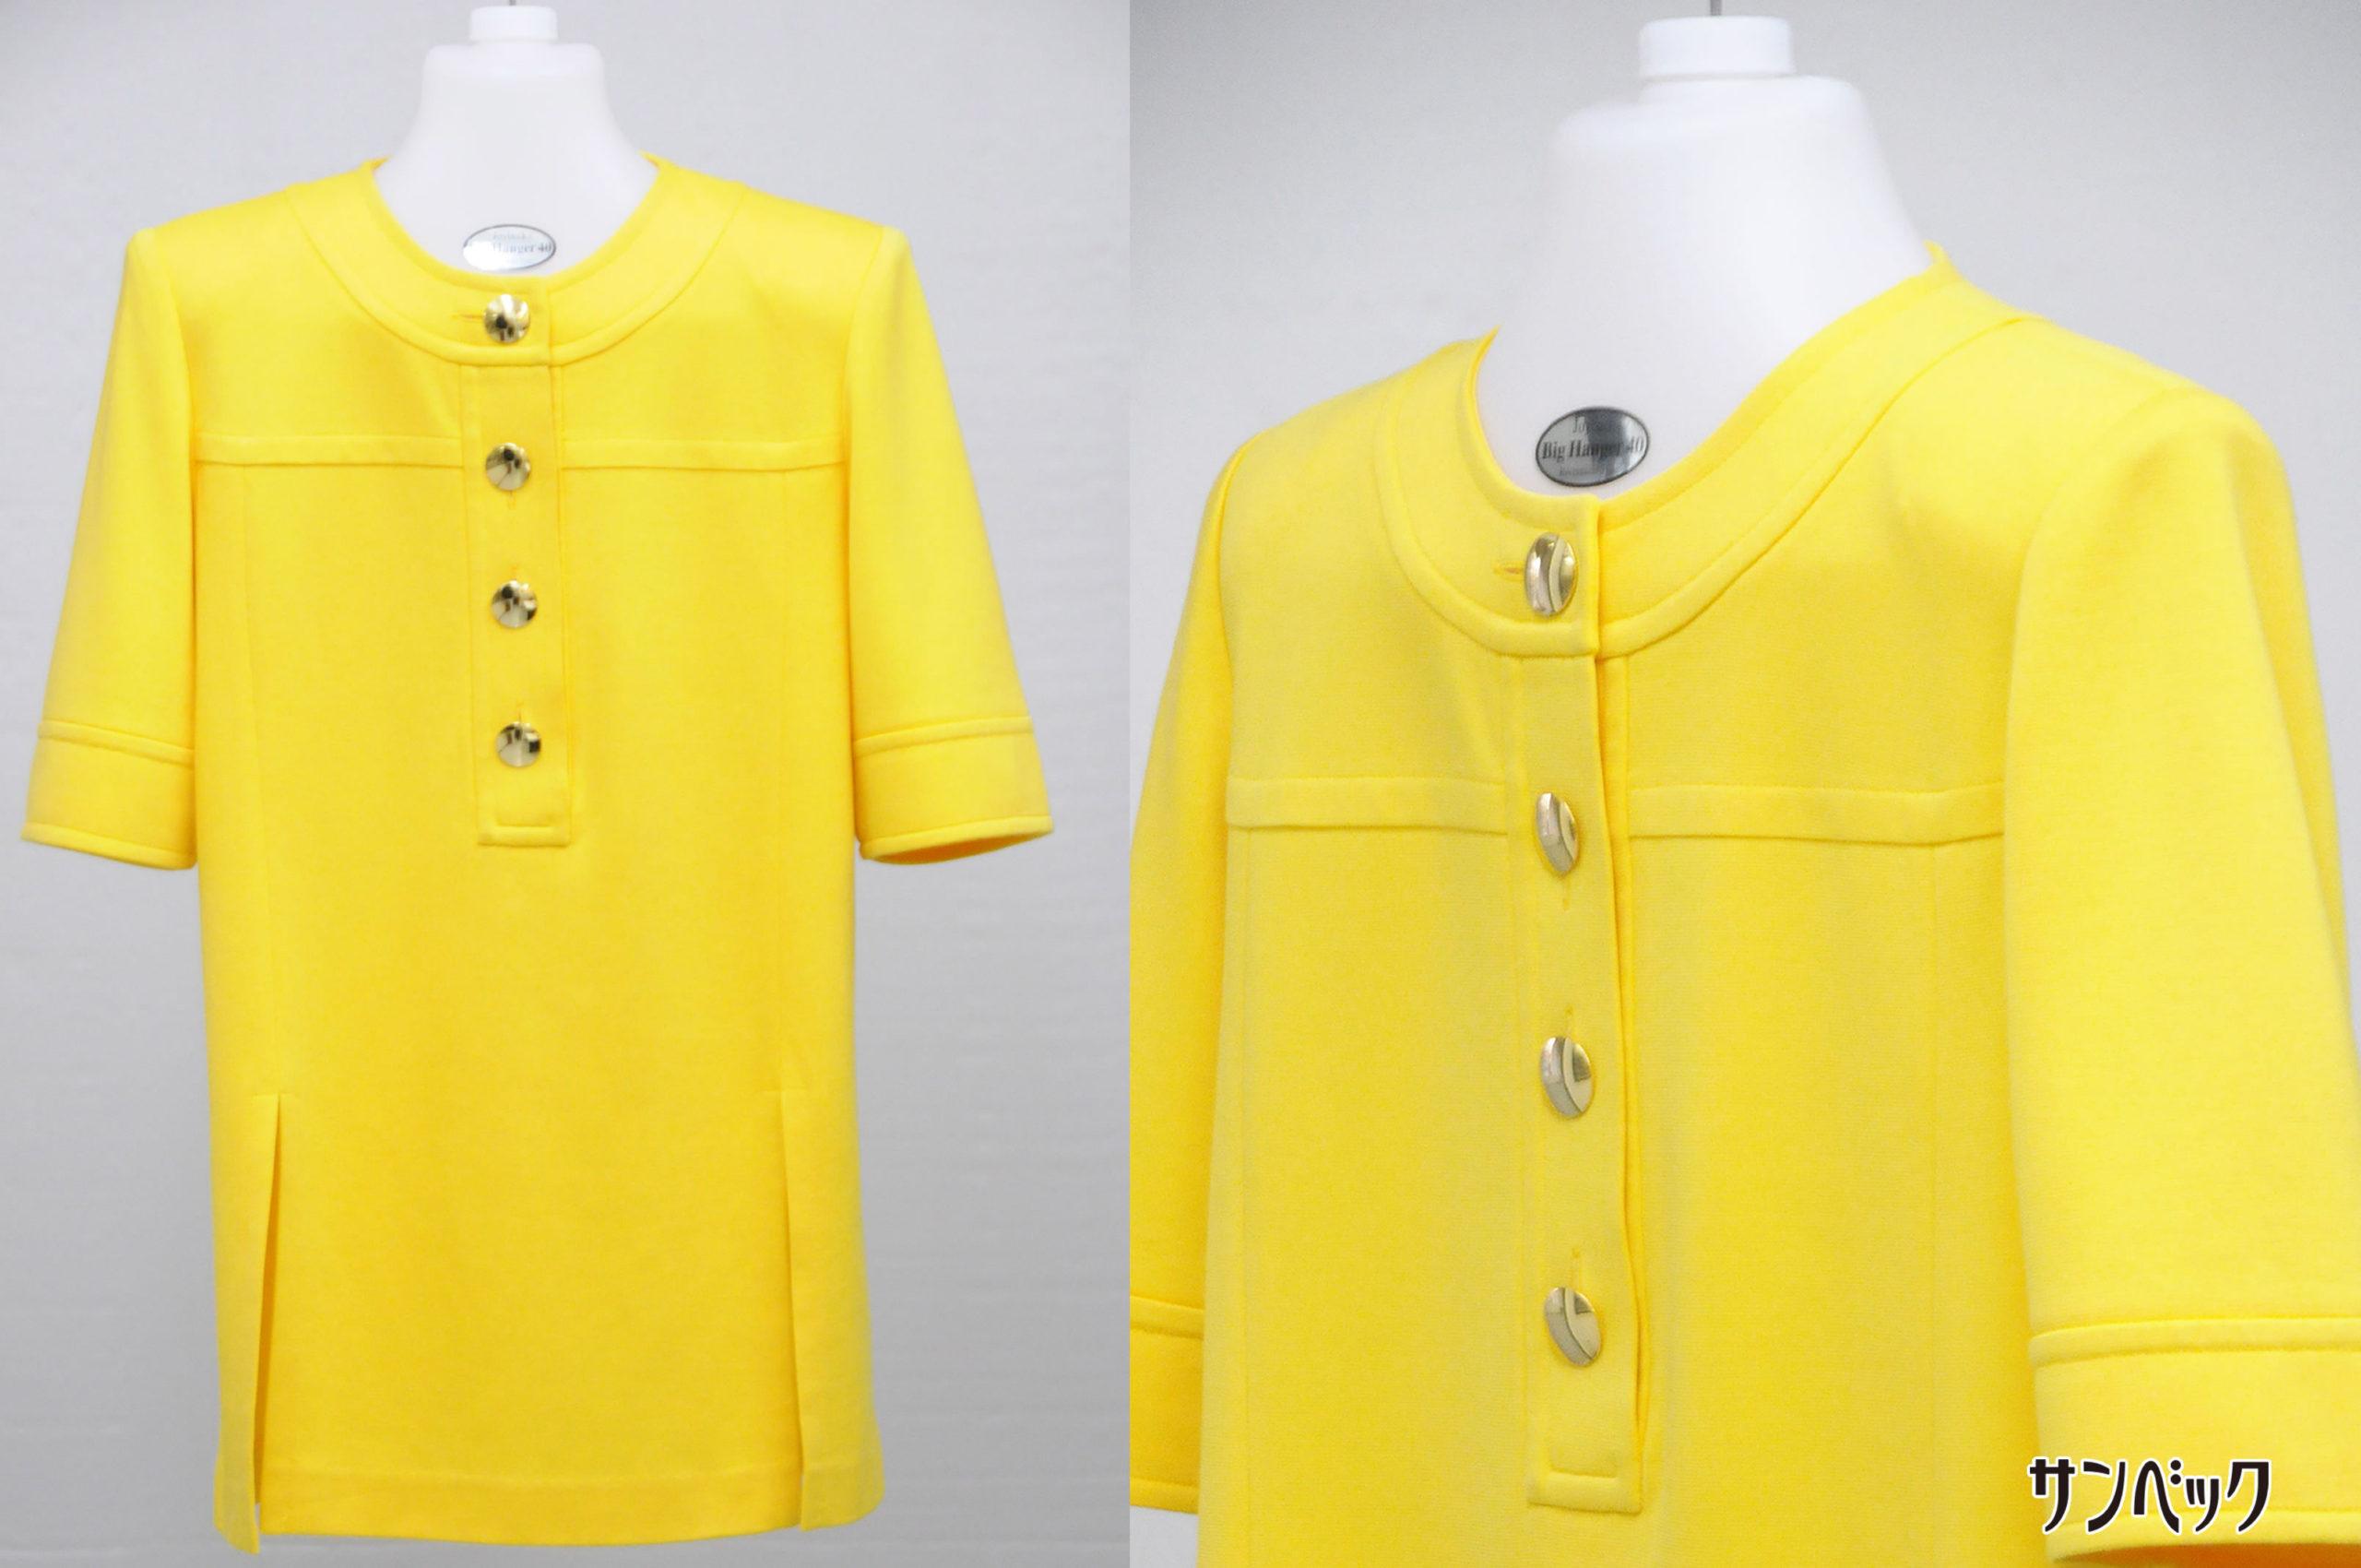 綿100%黄色のシャツの洗濯